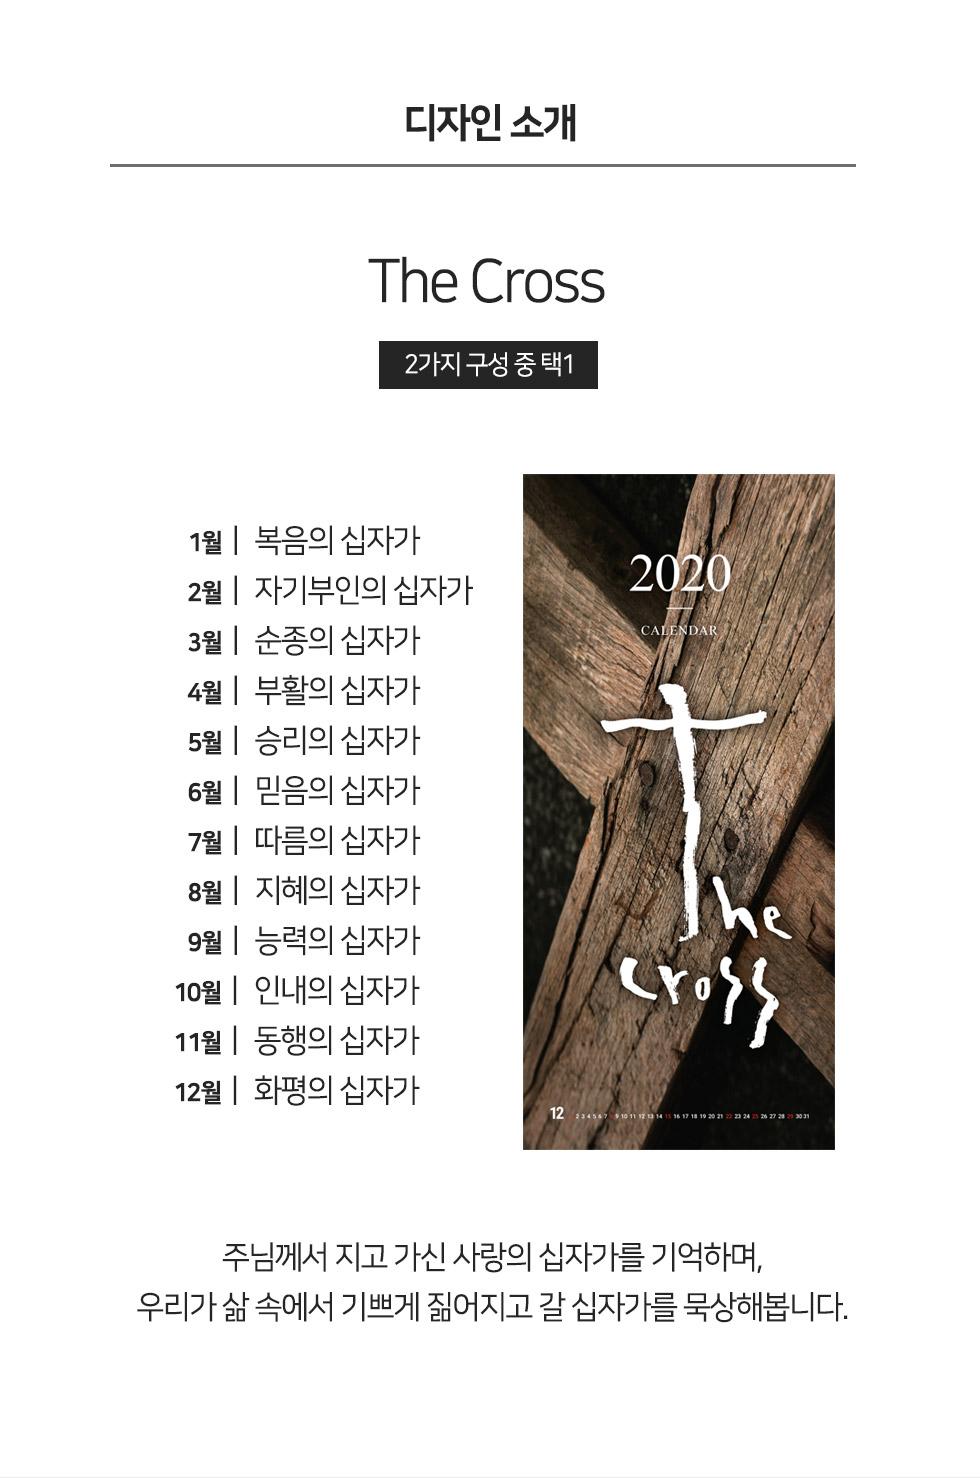 2020년 벽걸이달력 십자가 - 디자인소개, 주님이 지고 가신 사랑의 십자가를 기억하며, 우리가 삶속에서 기쁘게 짊어지고 갈 십자가를 묵상해봅니다.